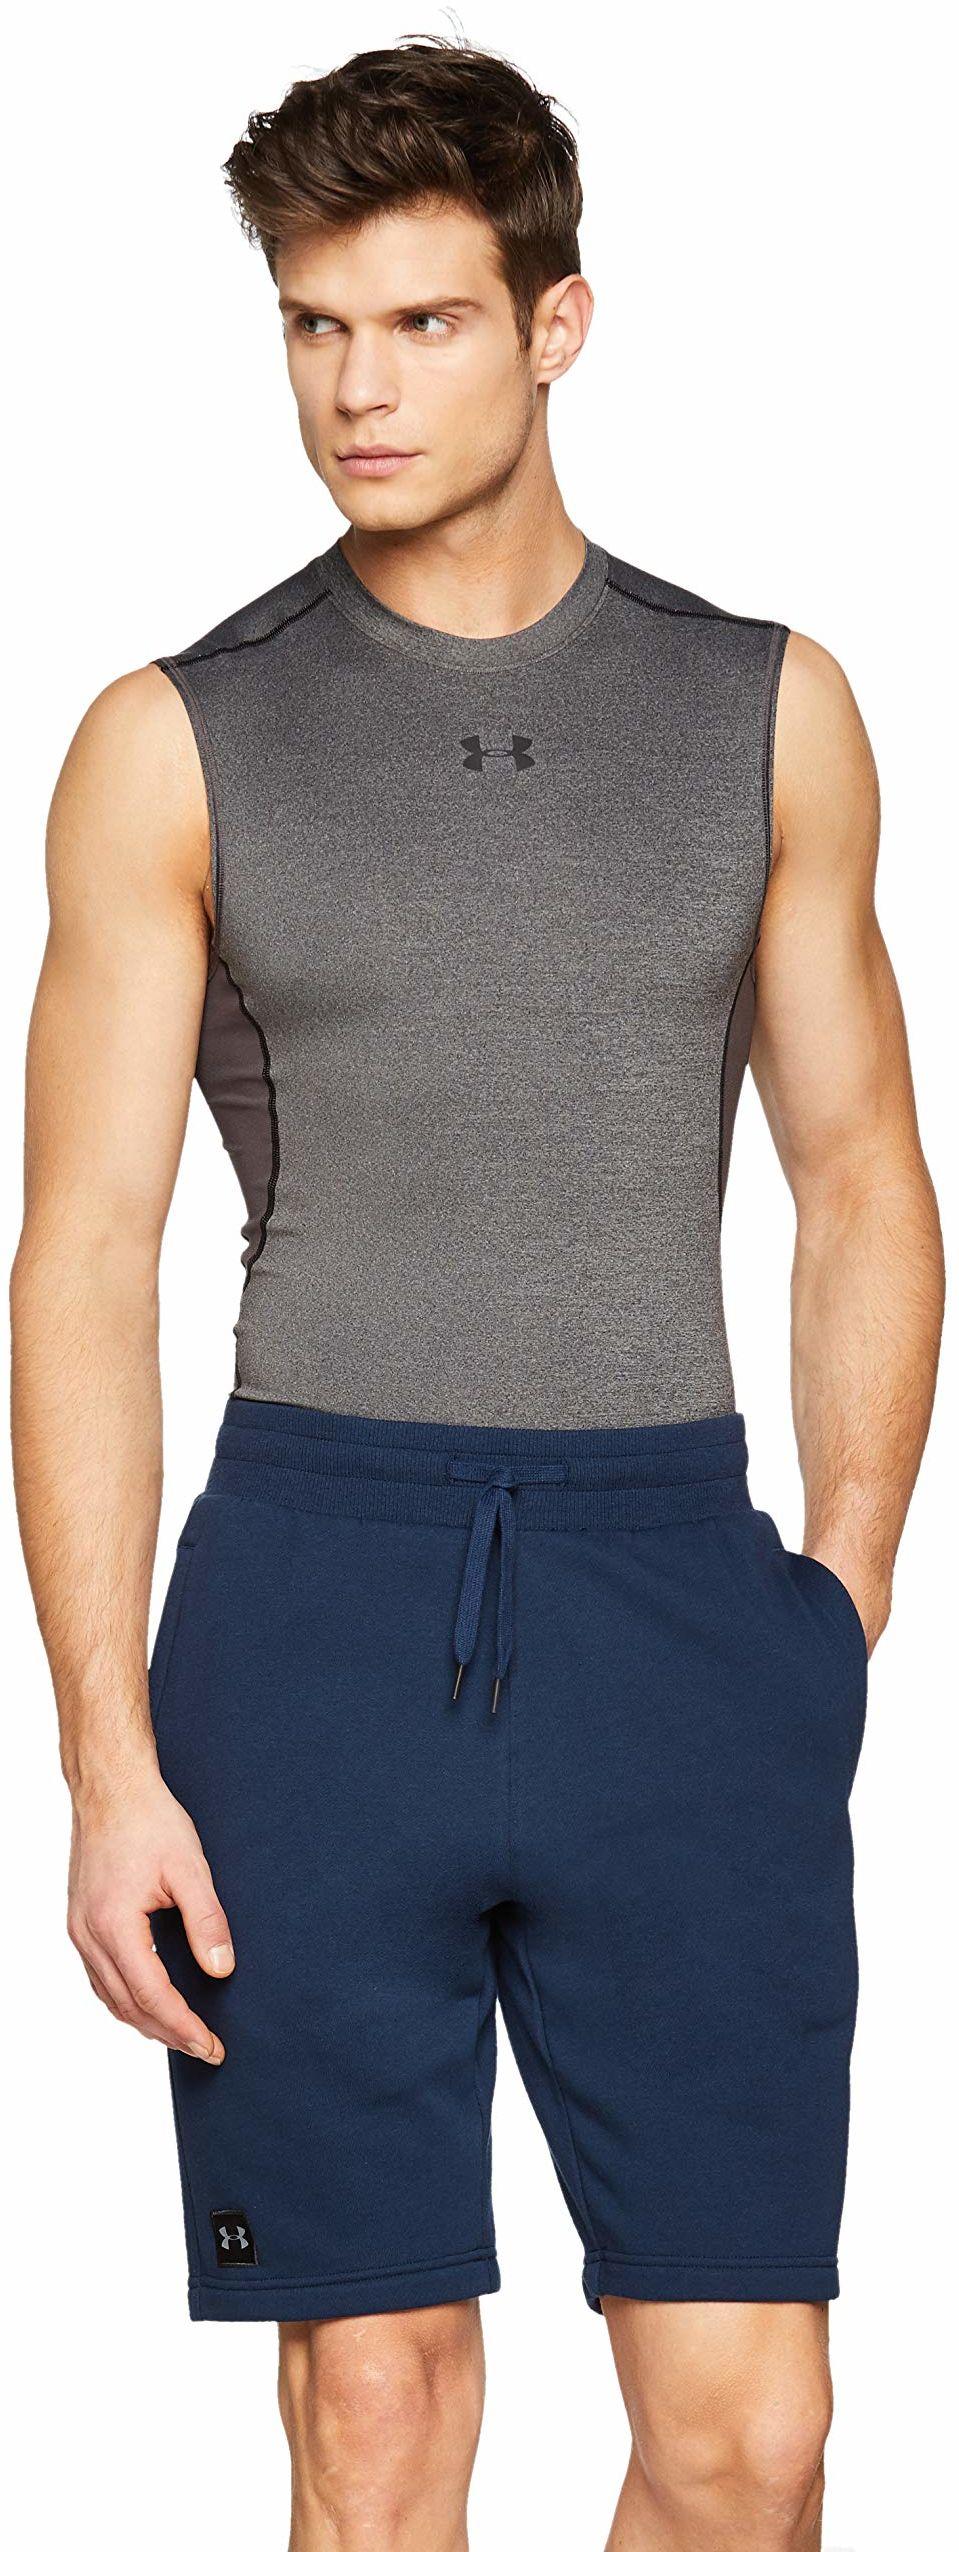 Under Armour Rival męskie spodenki z polaru, spodnie dresowe z kieszeniami i prążkowany pasek, wygodne męskie sportowe szorty Blue (408) 3XL